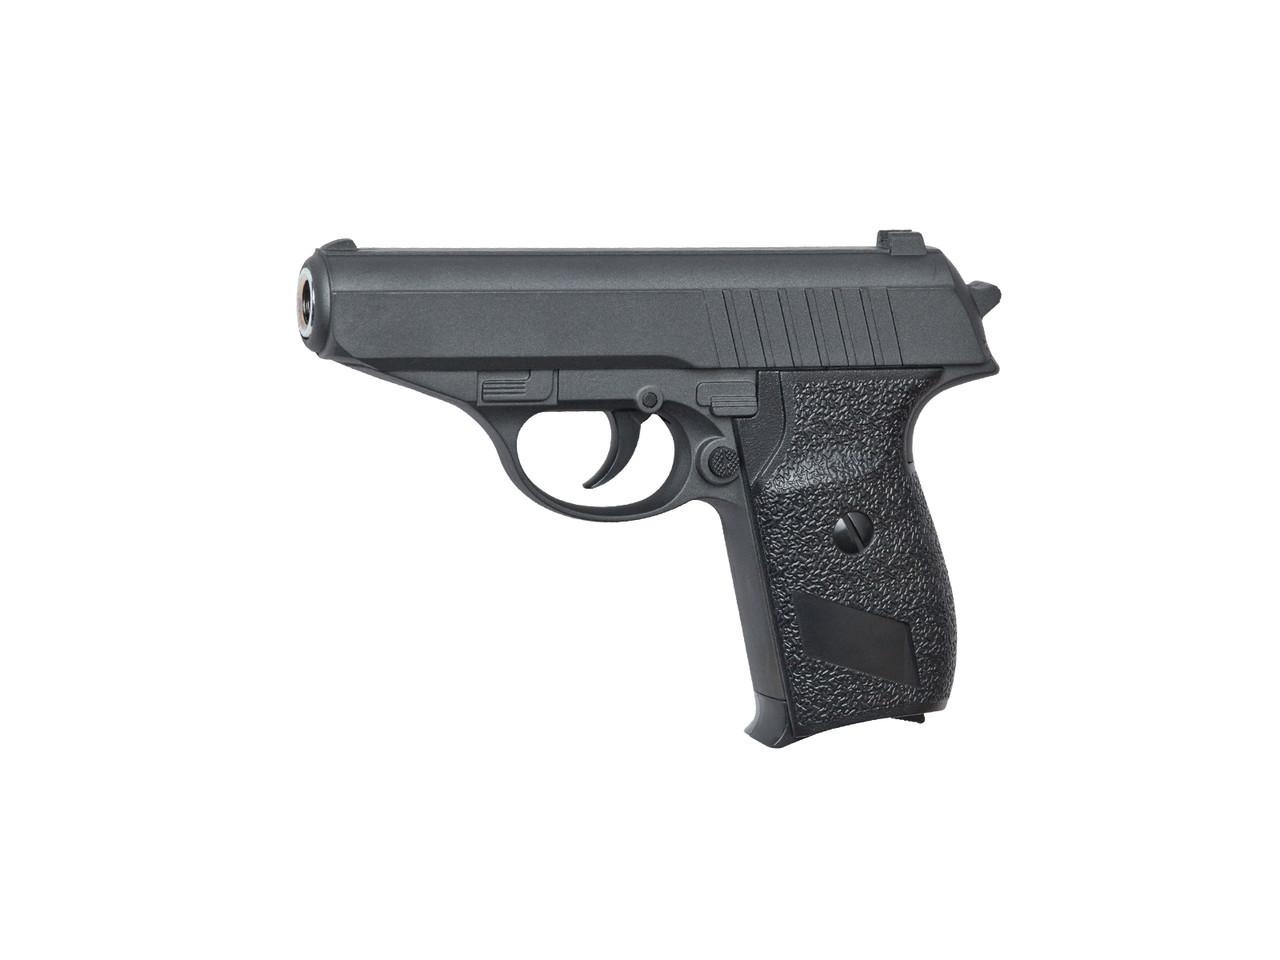 Пистолет для страйкбола ASG DL-30, Калибр: 6,0 мм, Дульная энергия: 0,3 Дж, Ёмкость магазина (барабана): 9, Ис